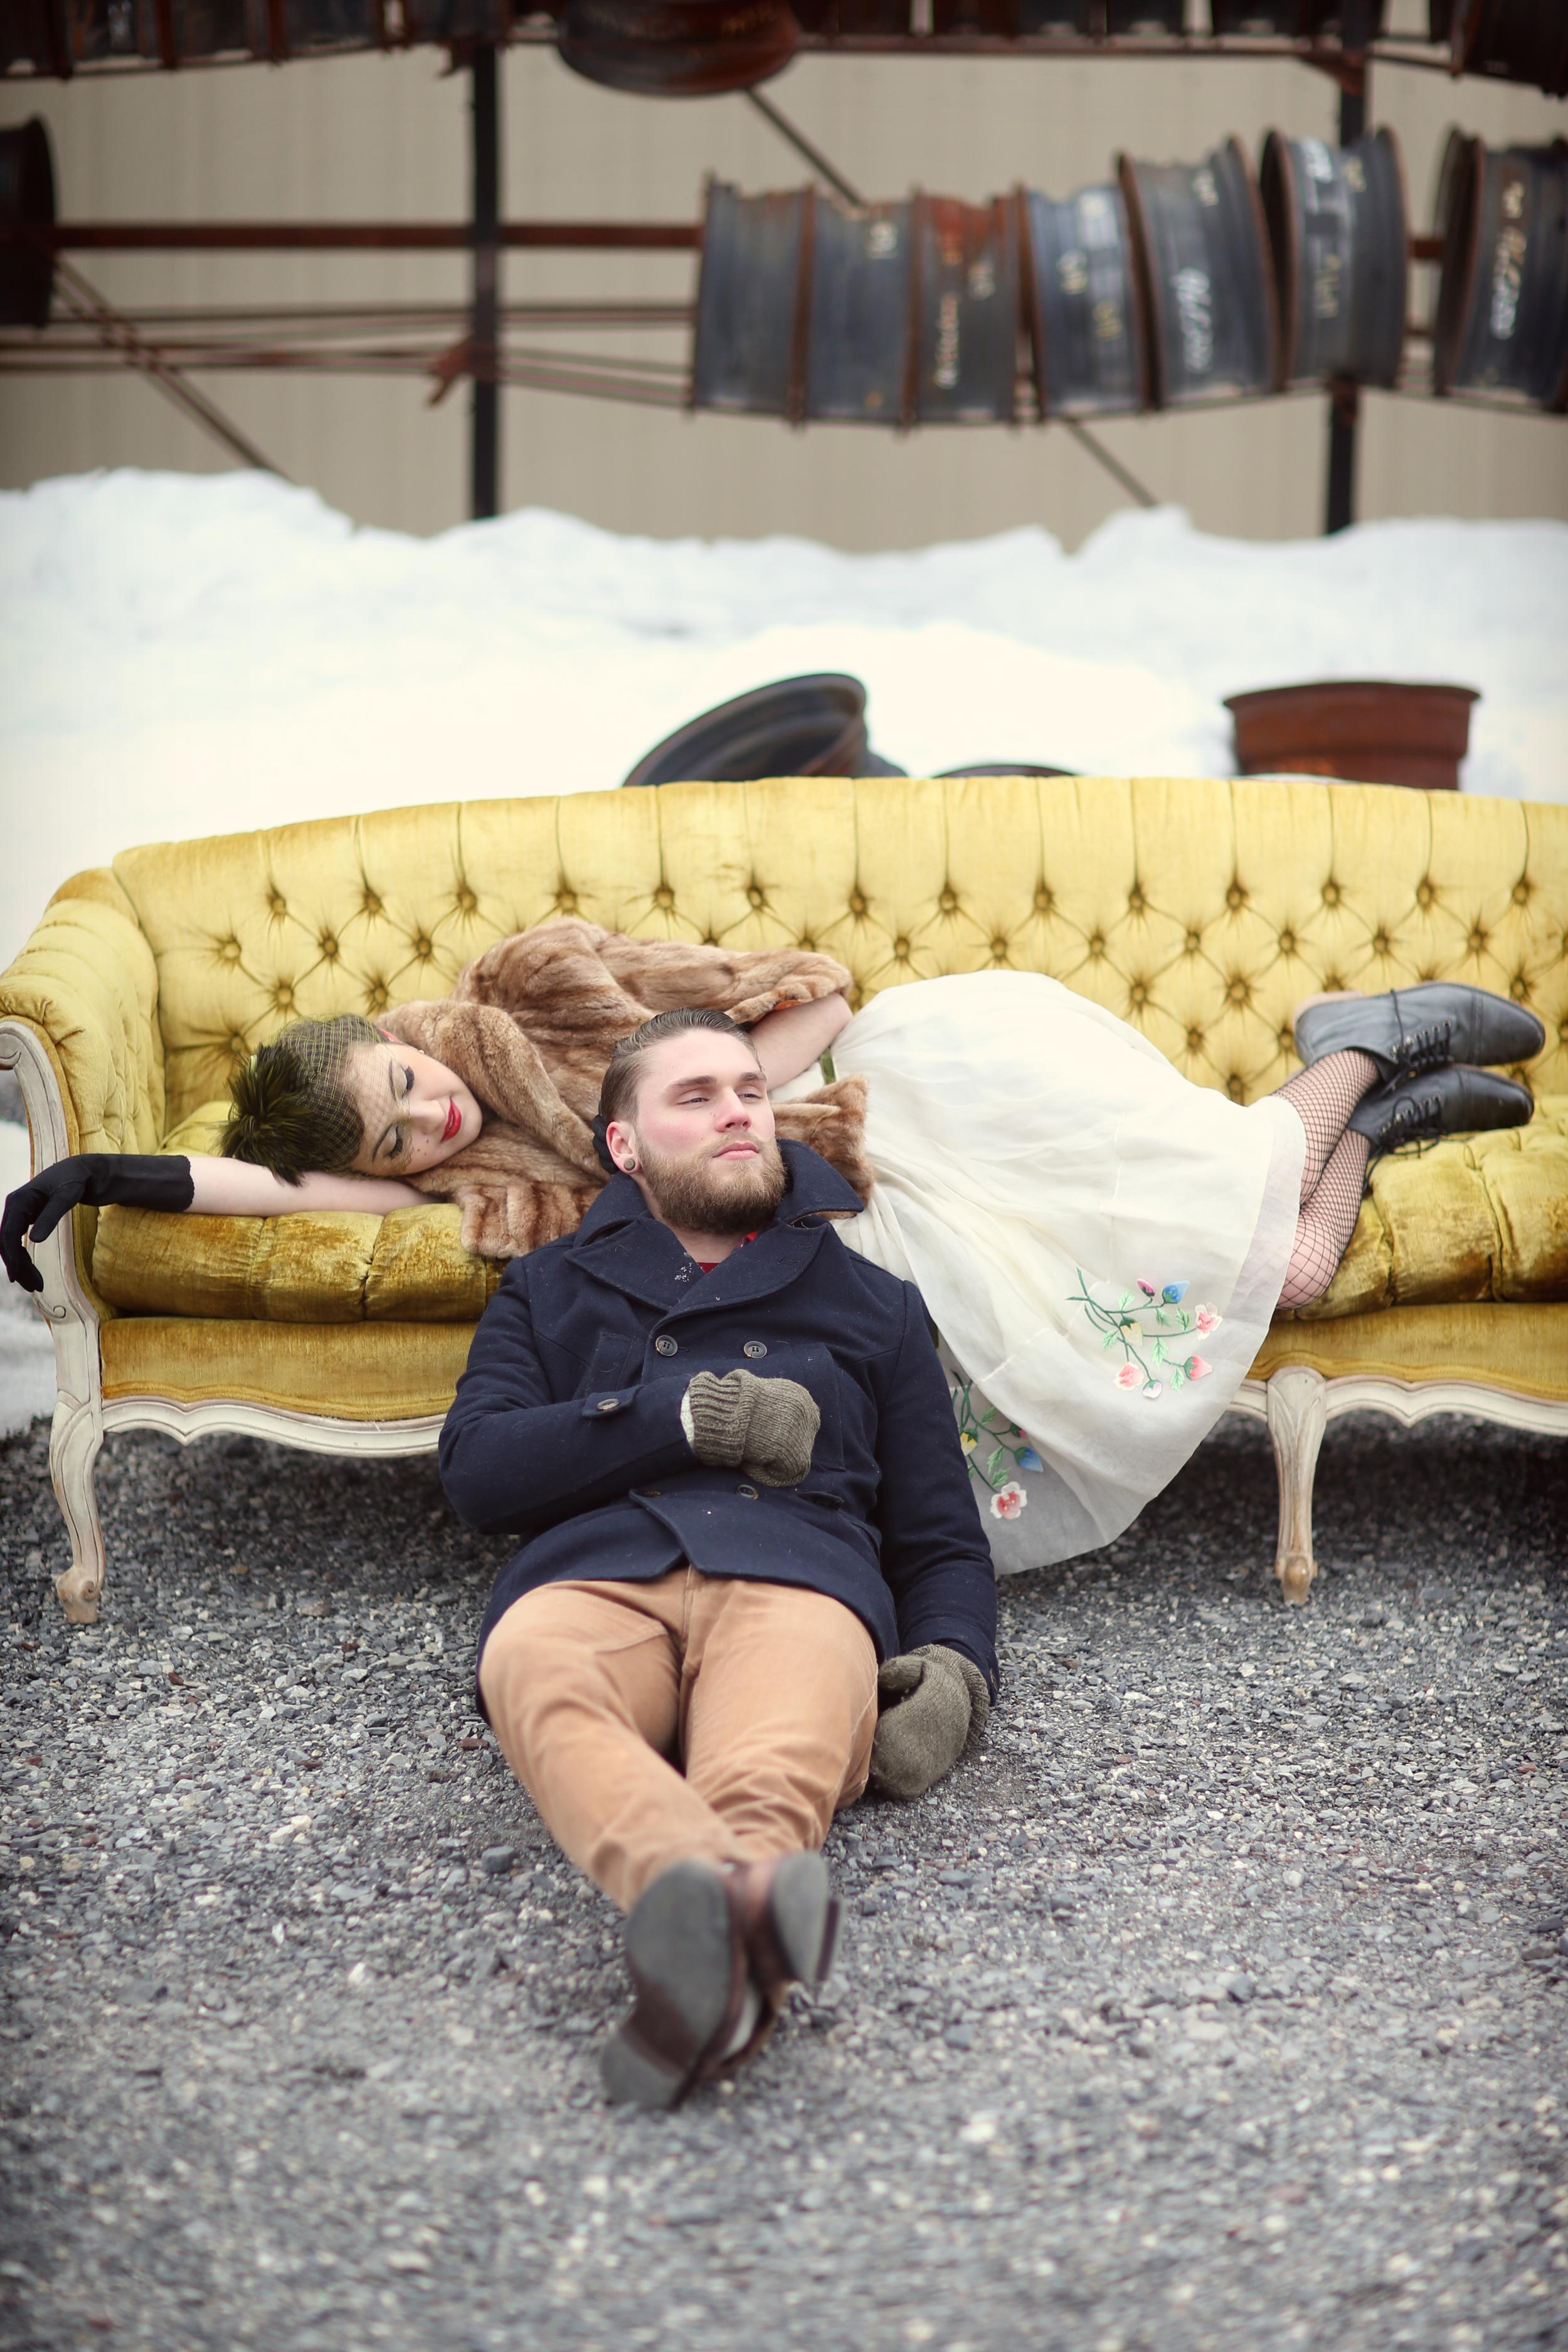 junkyard-monroe couch.JPG